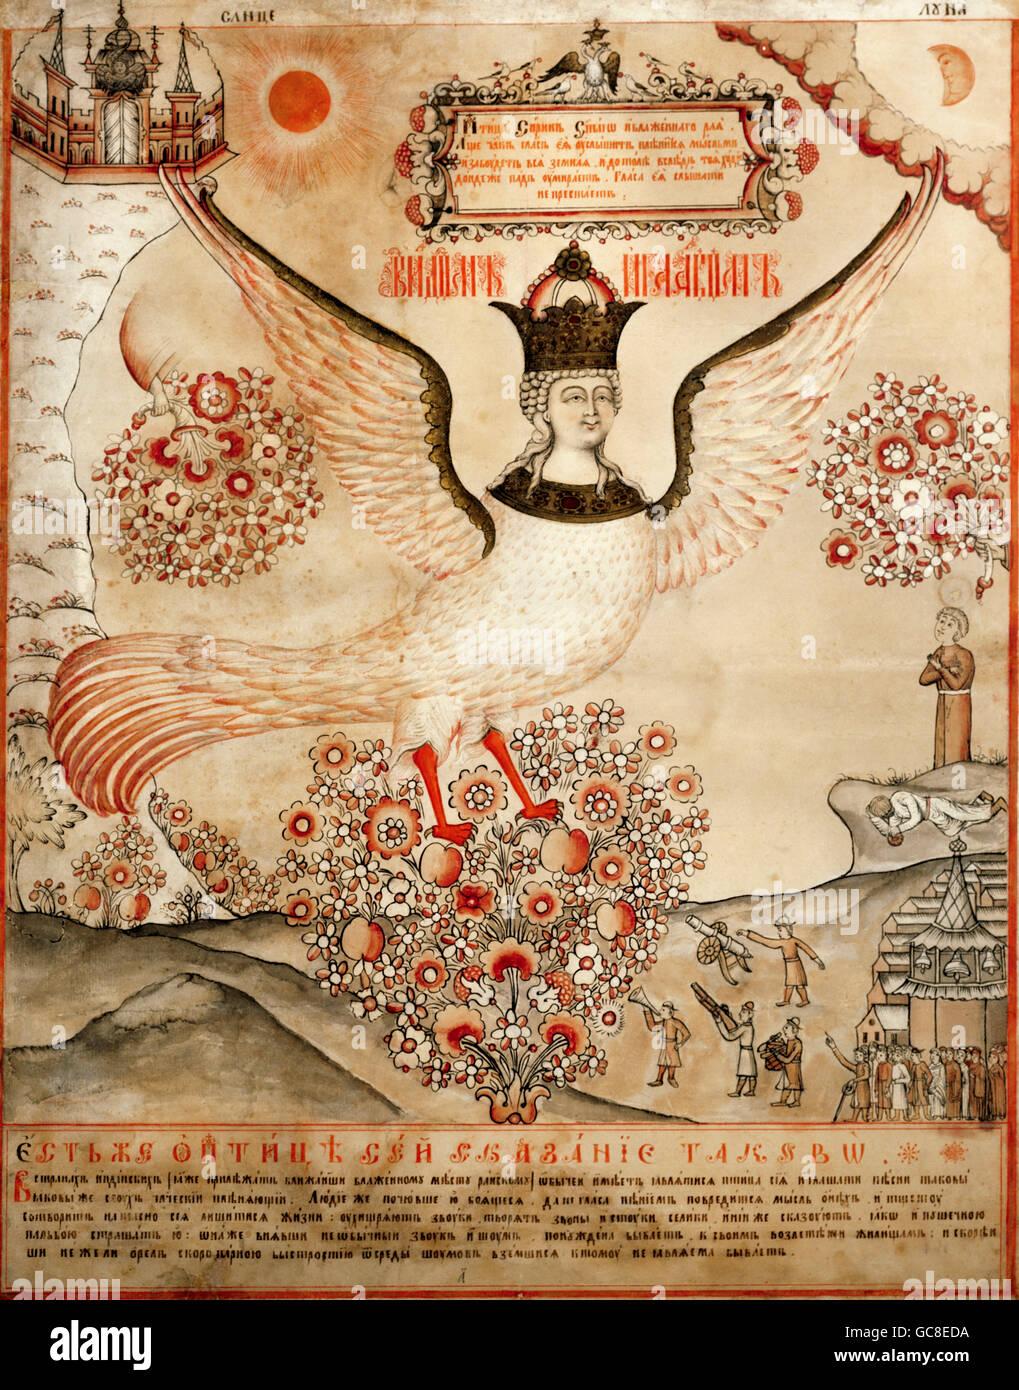 La superstition, créatures mythiques, Sirin, encre et tempera, Russie, début du xixe siècle, musée Photo Stock